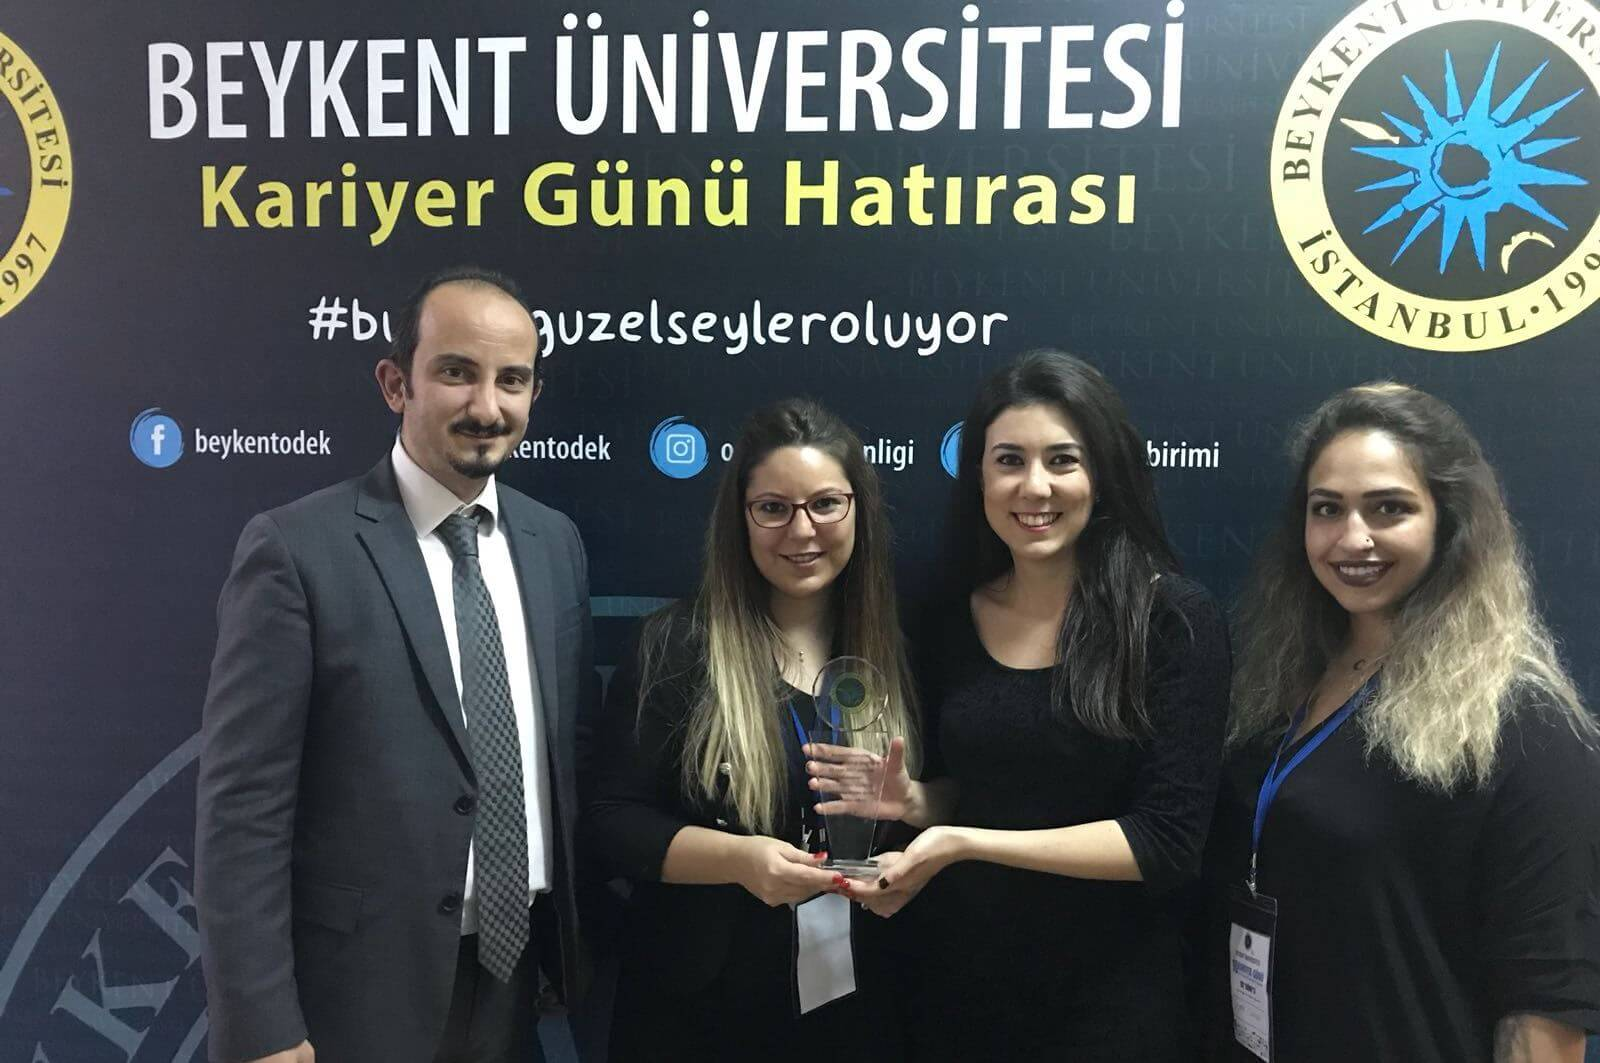 IdeaSoft, Beykent Üniversitesi Kariyer Günleri'nde Öğrencilerle Buluştu